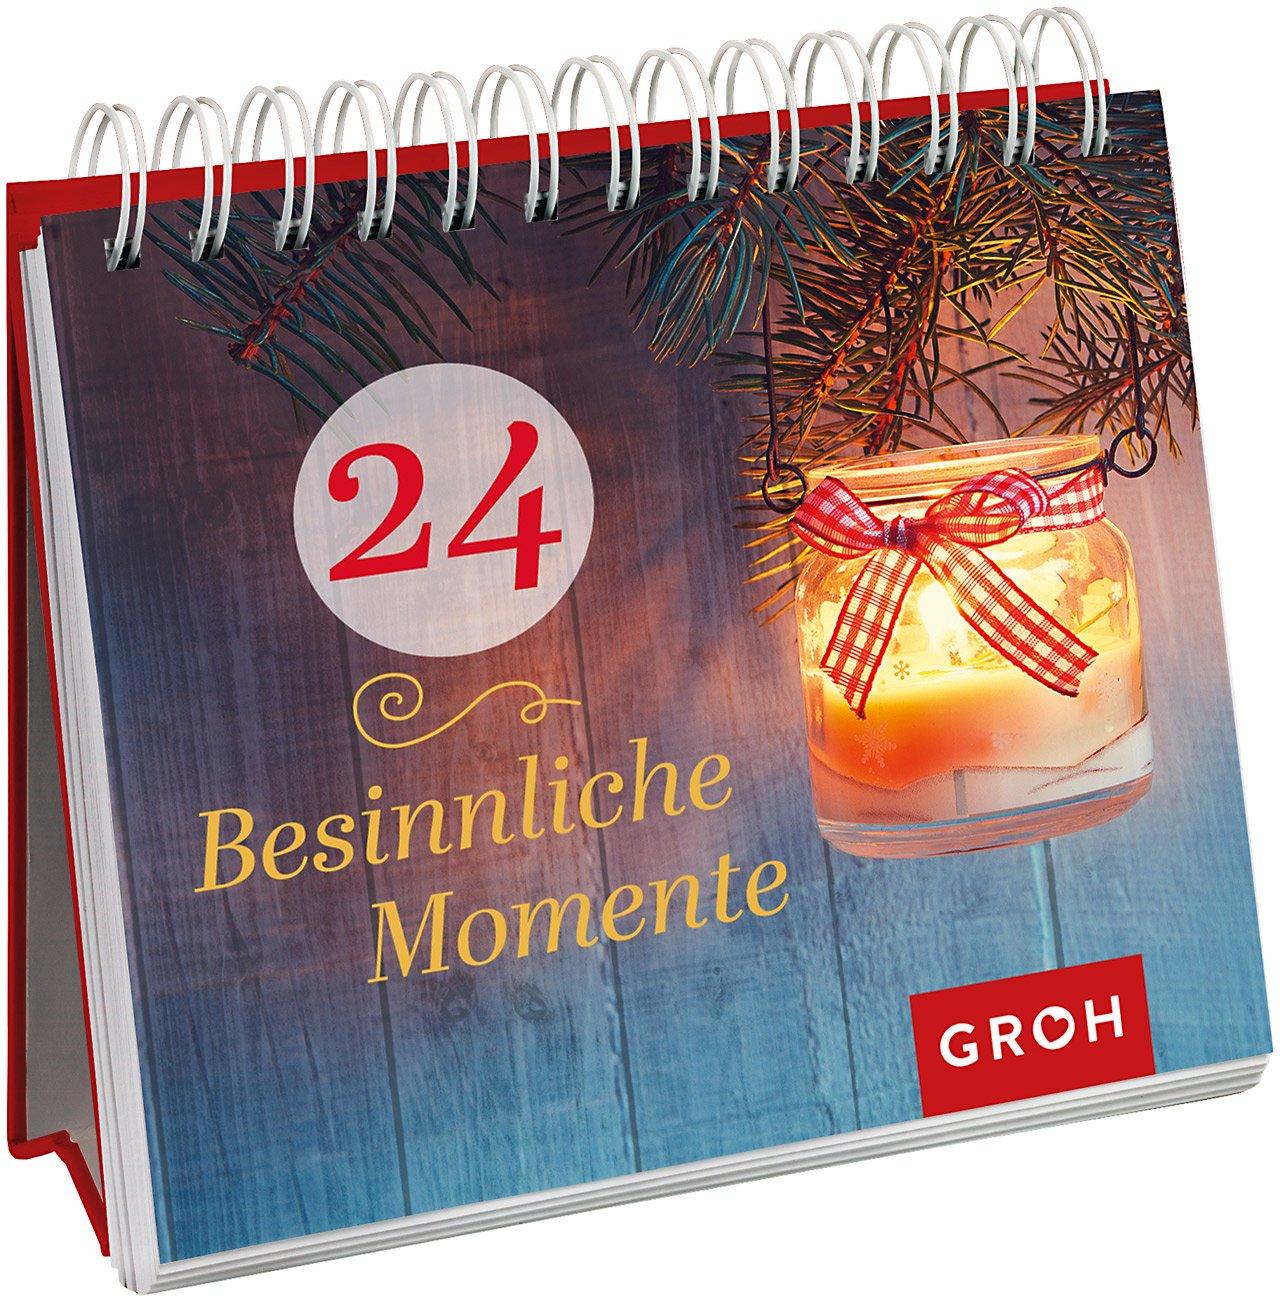 24 besinnliche Momente